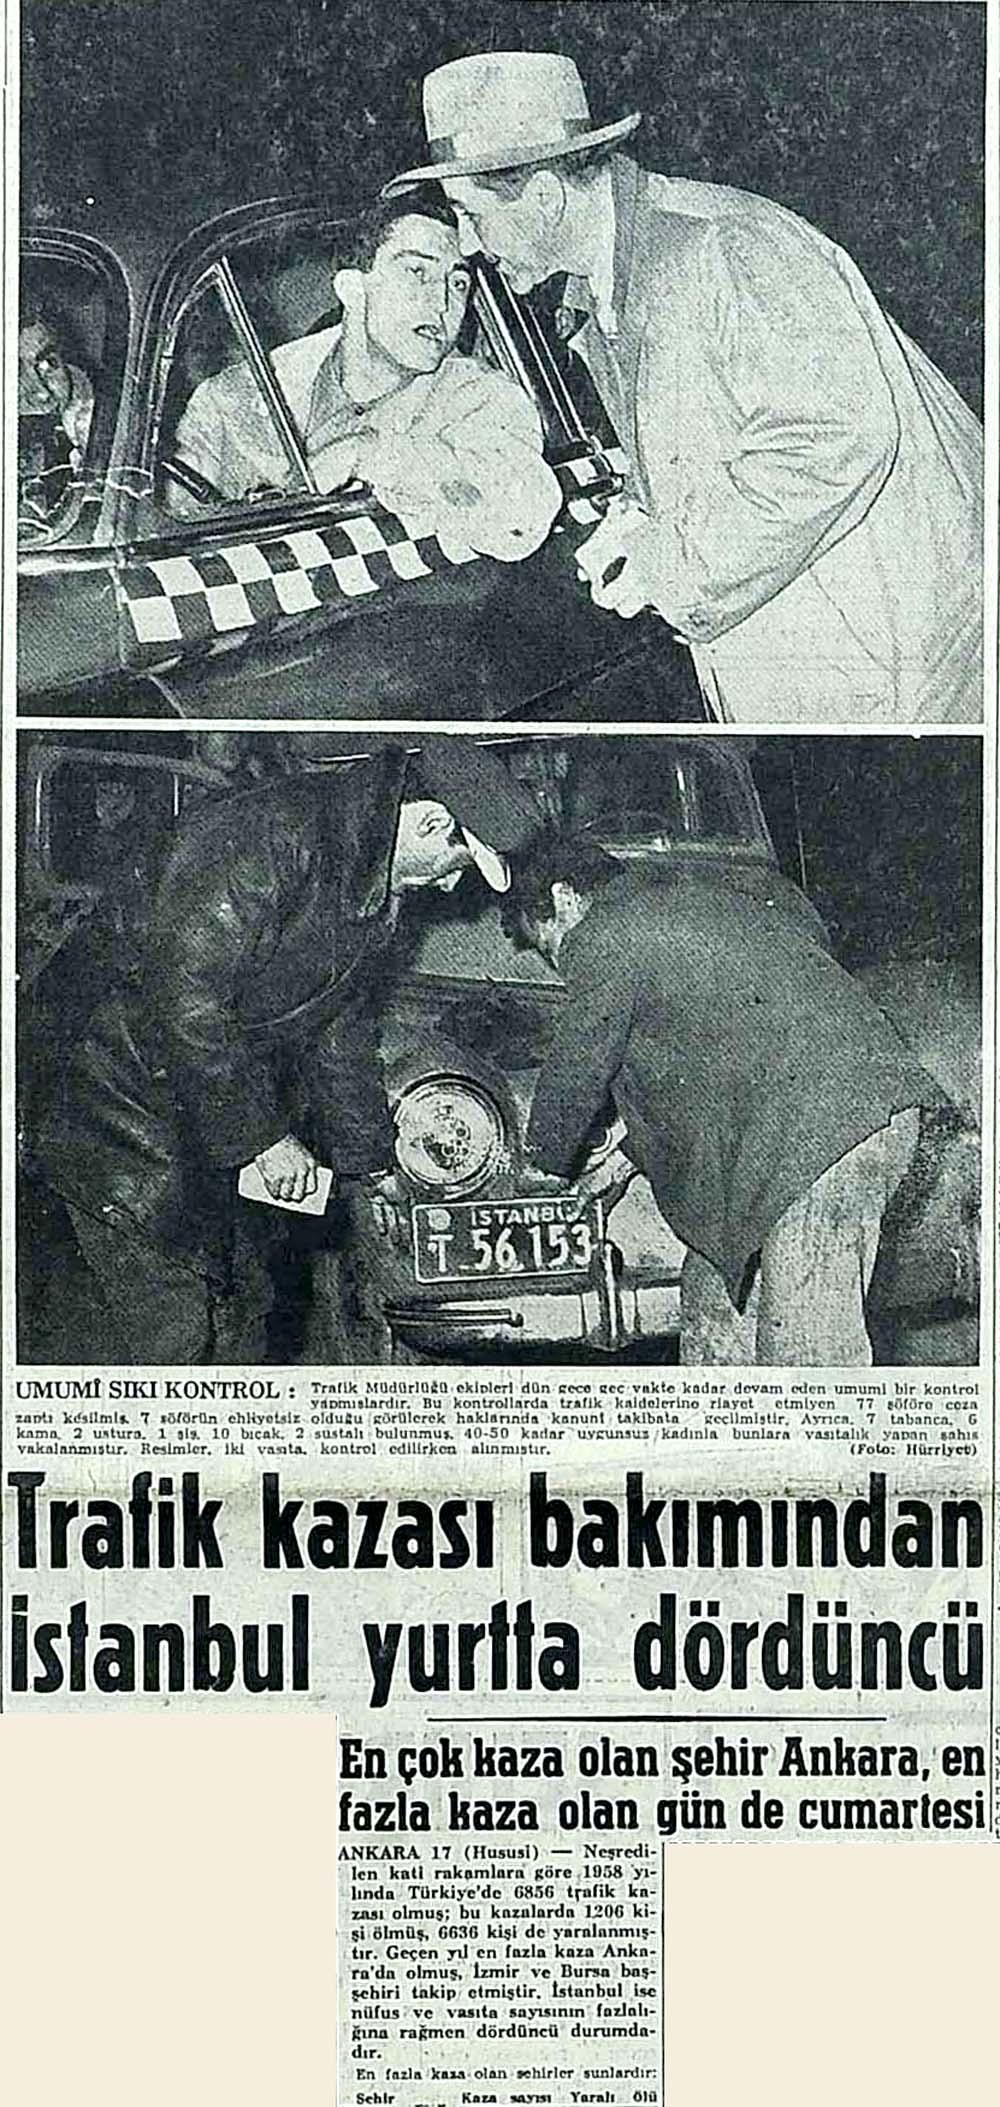 Trafik kazası bakımından İstanbul yurtta dördüncü